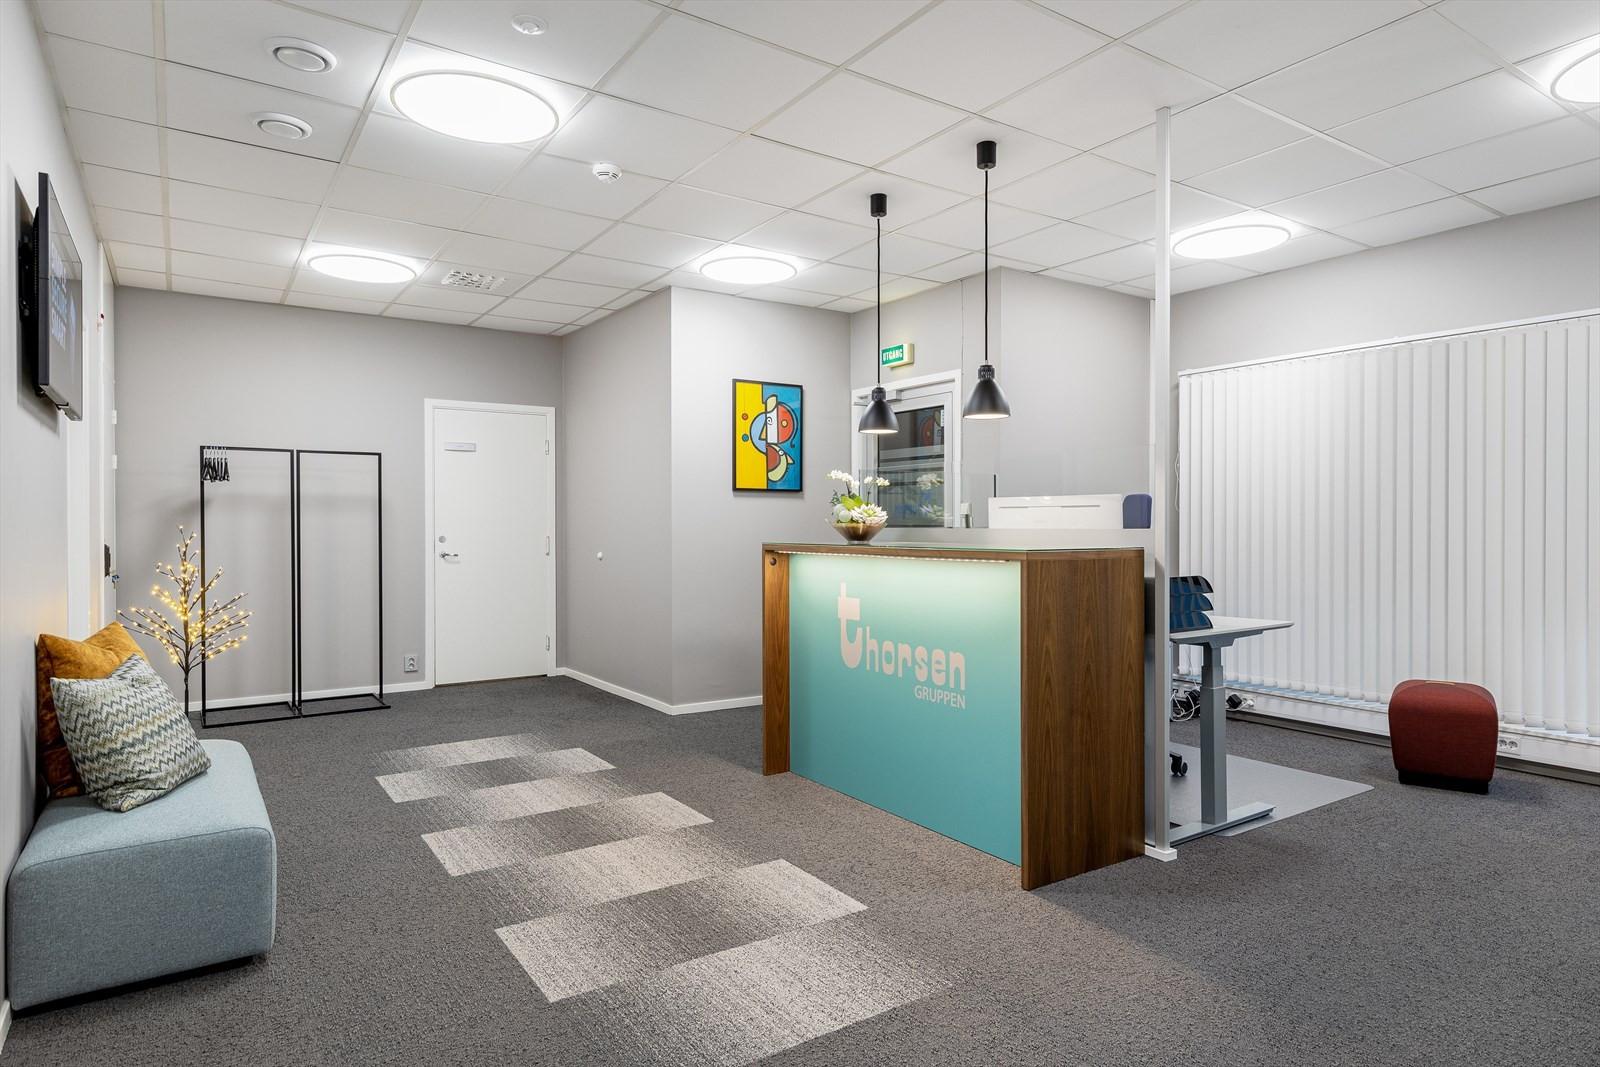 Resten av bygget består av moderne kontorlokaler som er utleid.